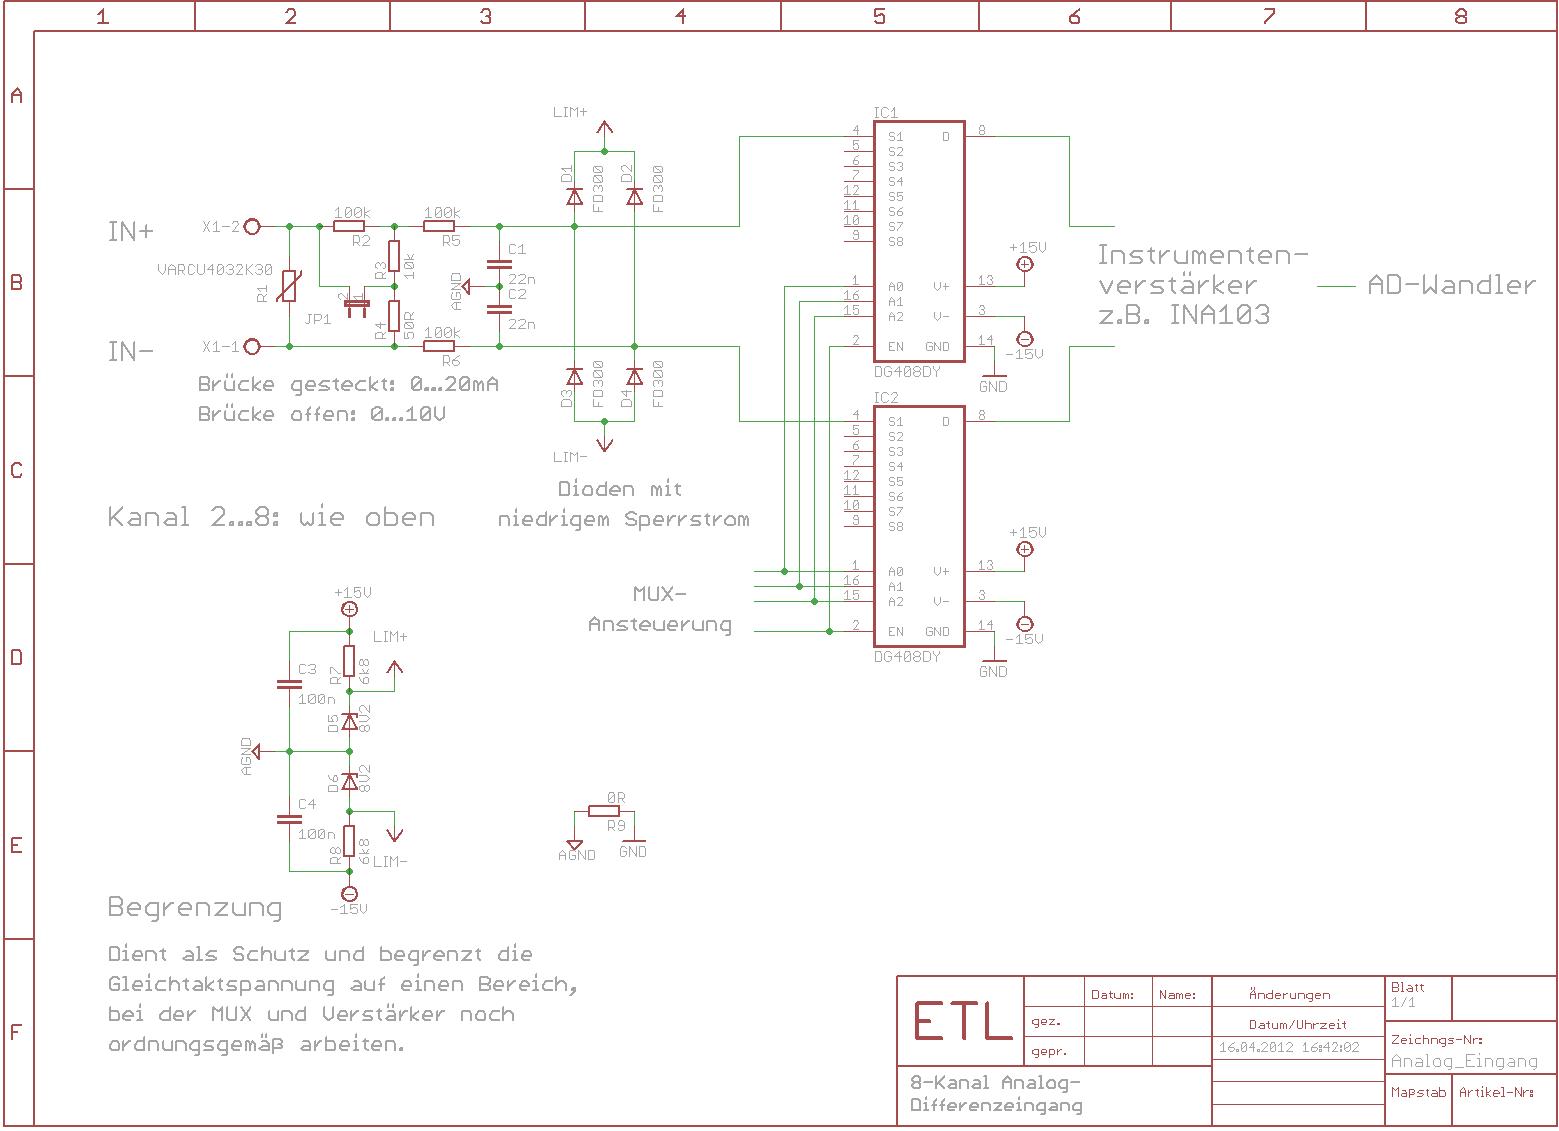 Gemütlich 4 20 Ma Schaltplan Fotos - Elektrische Schaltplan-Ideen ...